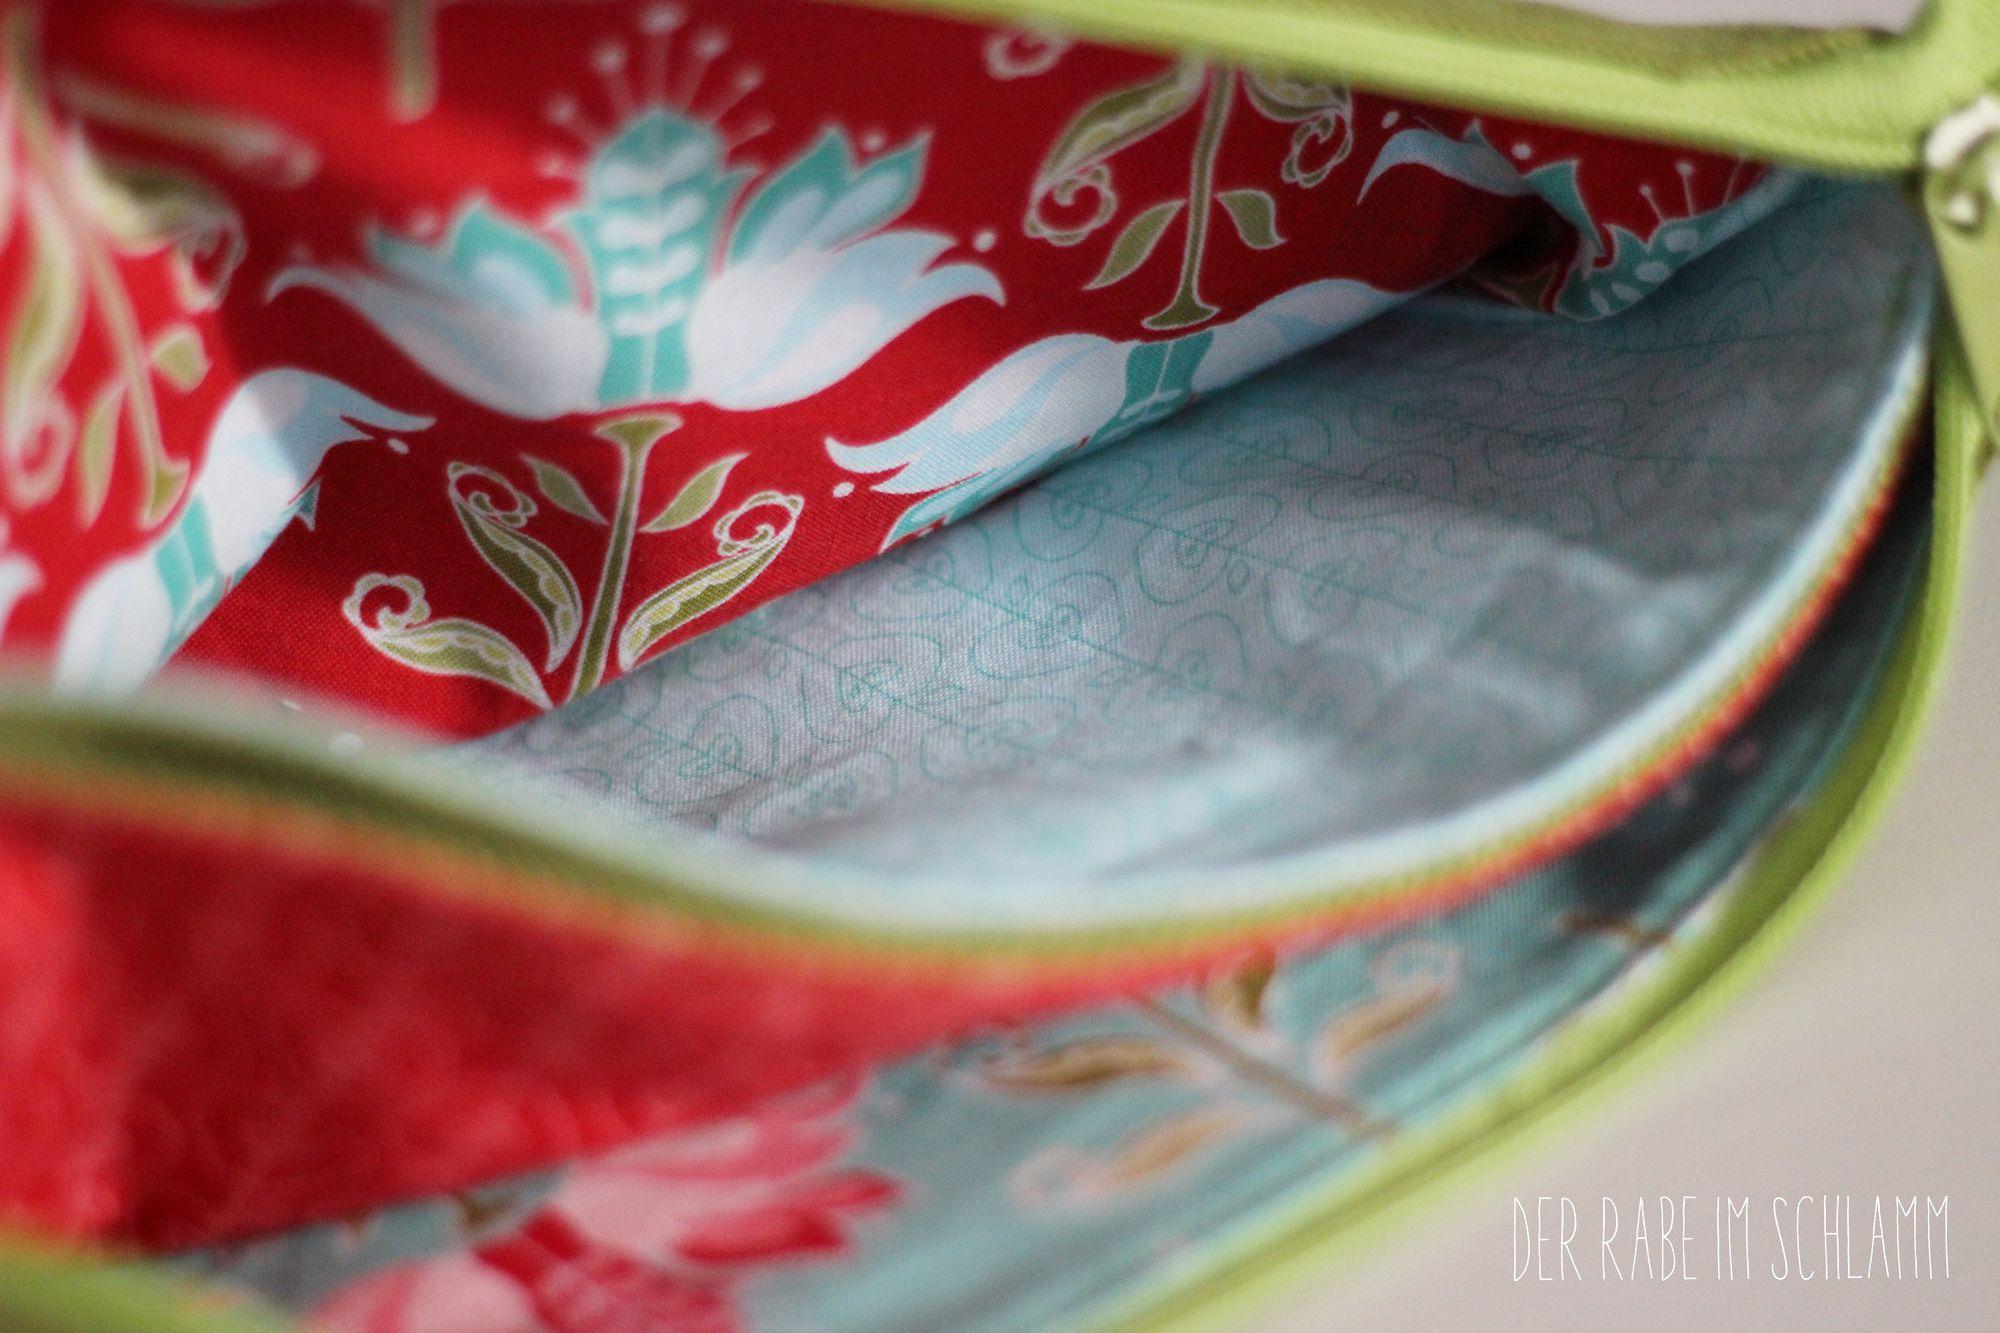 Der Rabe im Schlamm, Nähen, Taschen,  Fünf-Fach-Organizer, Geschenk